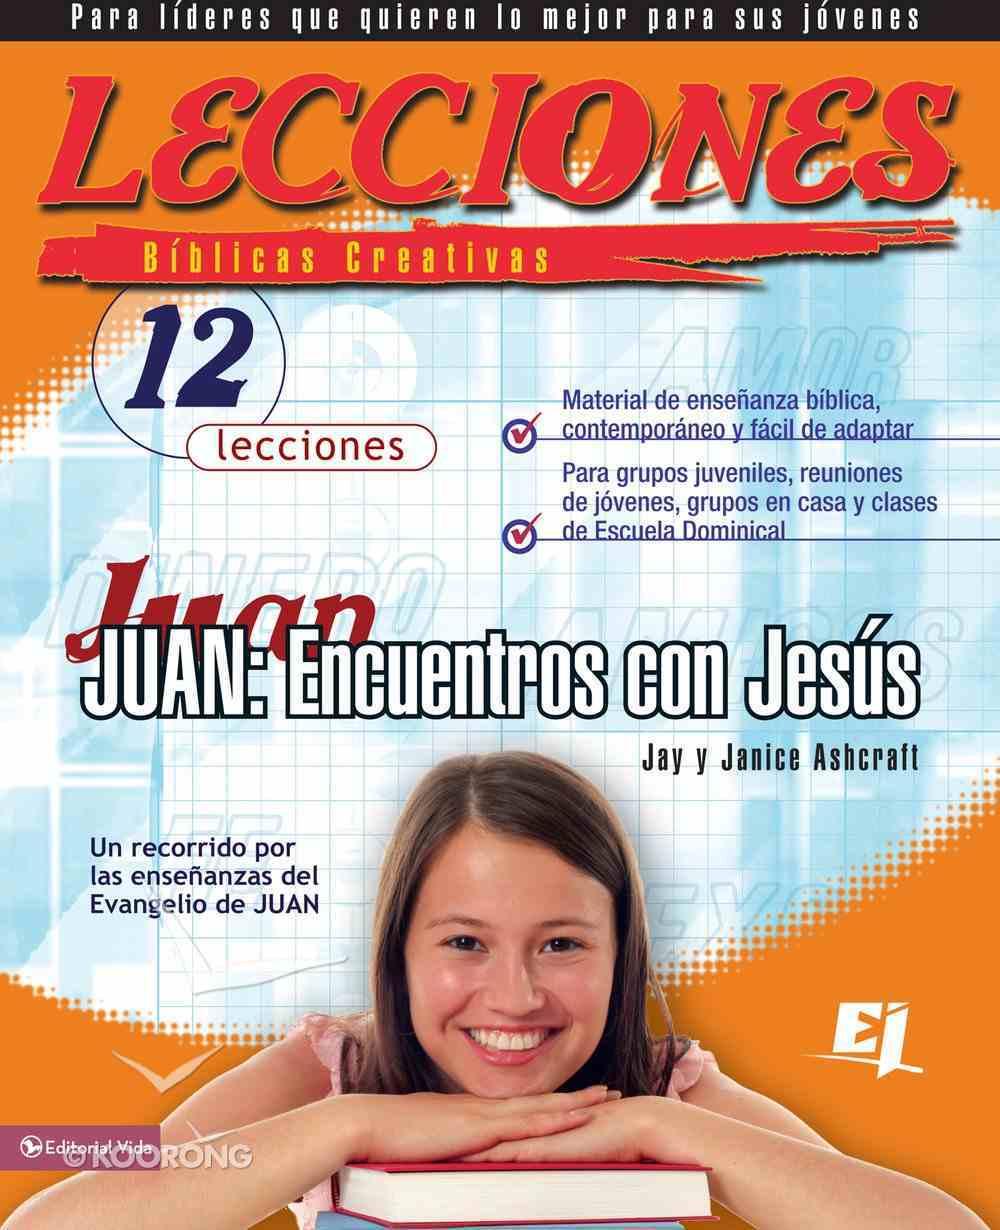 Lecciones Bblicas Creativas: Juan Paperback